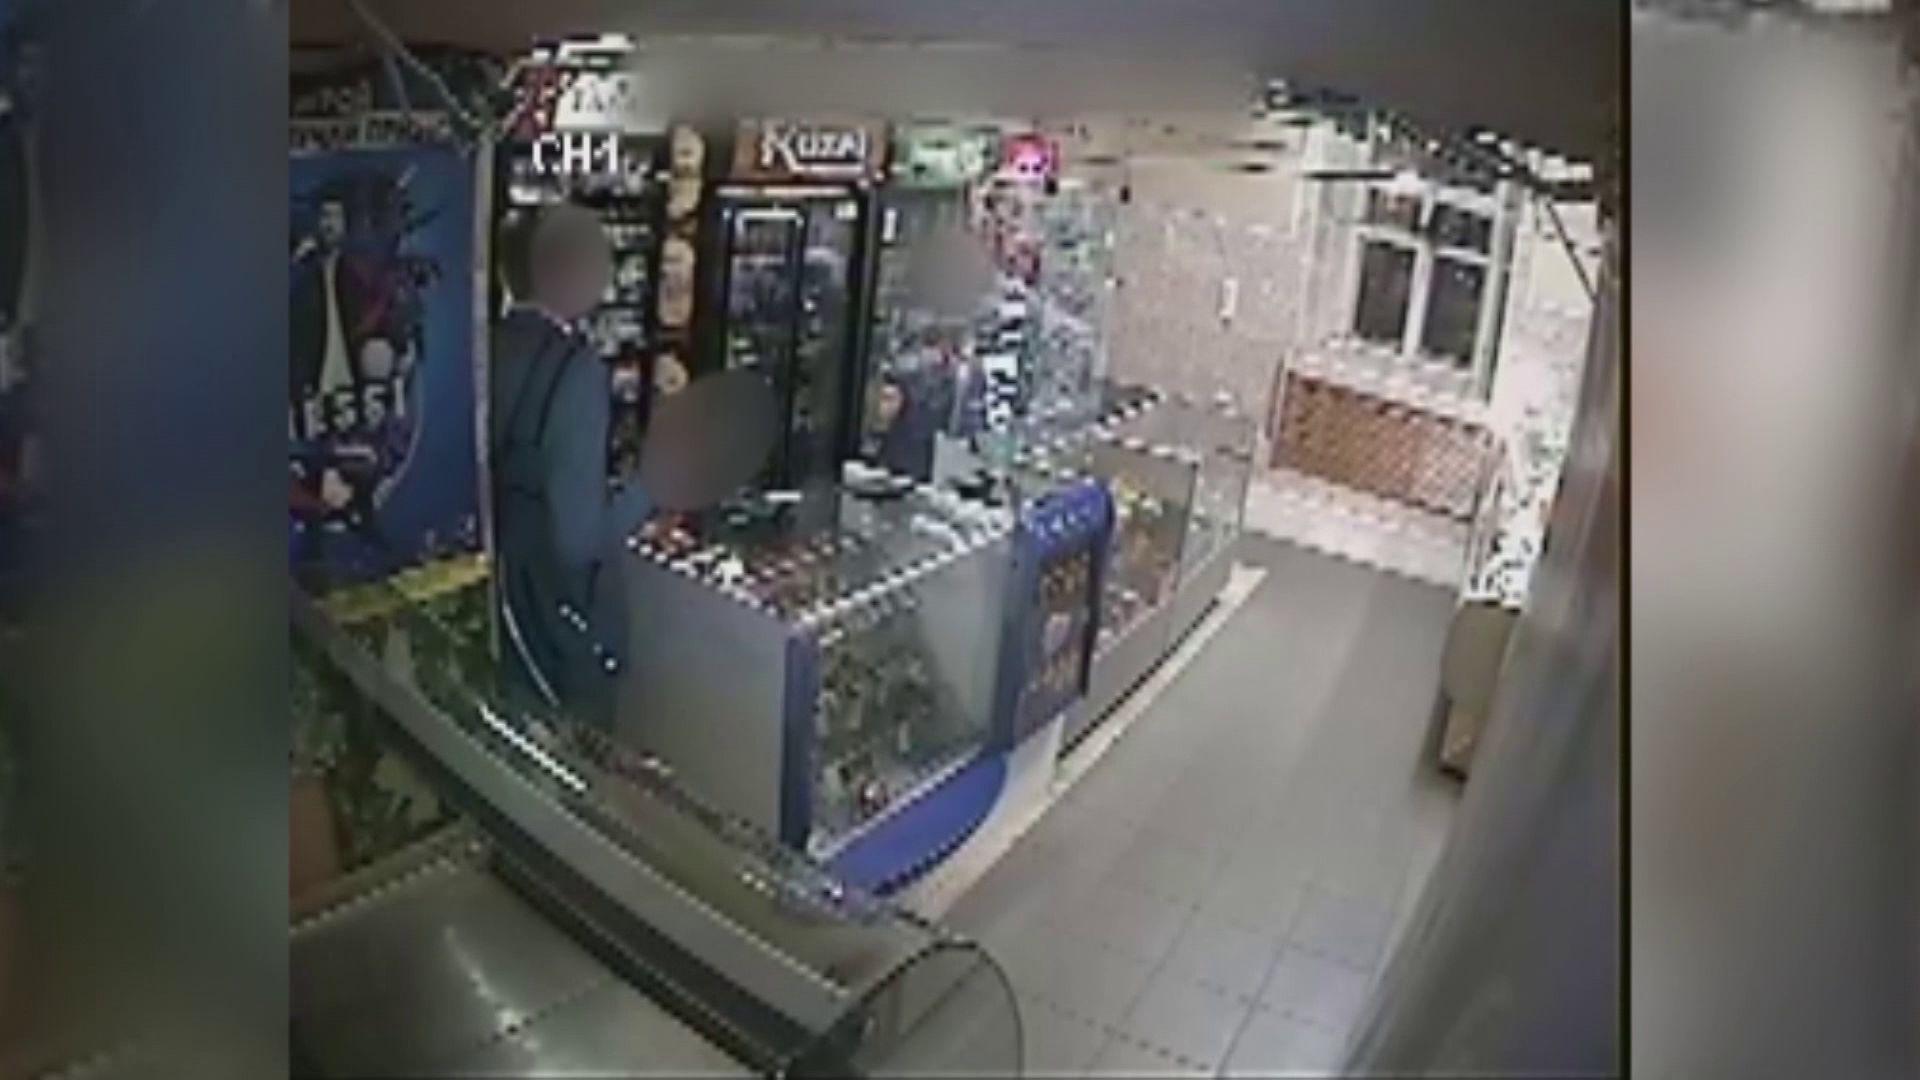 Ярославец в медицинской маске ограбил магазин с пневматическим пистолетом